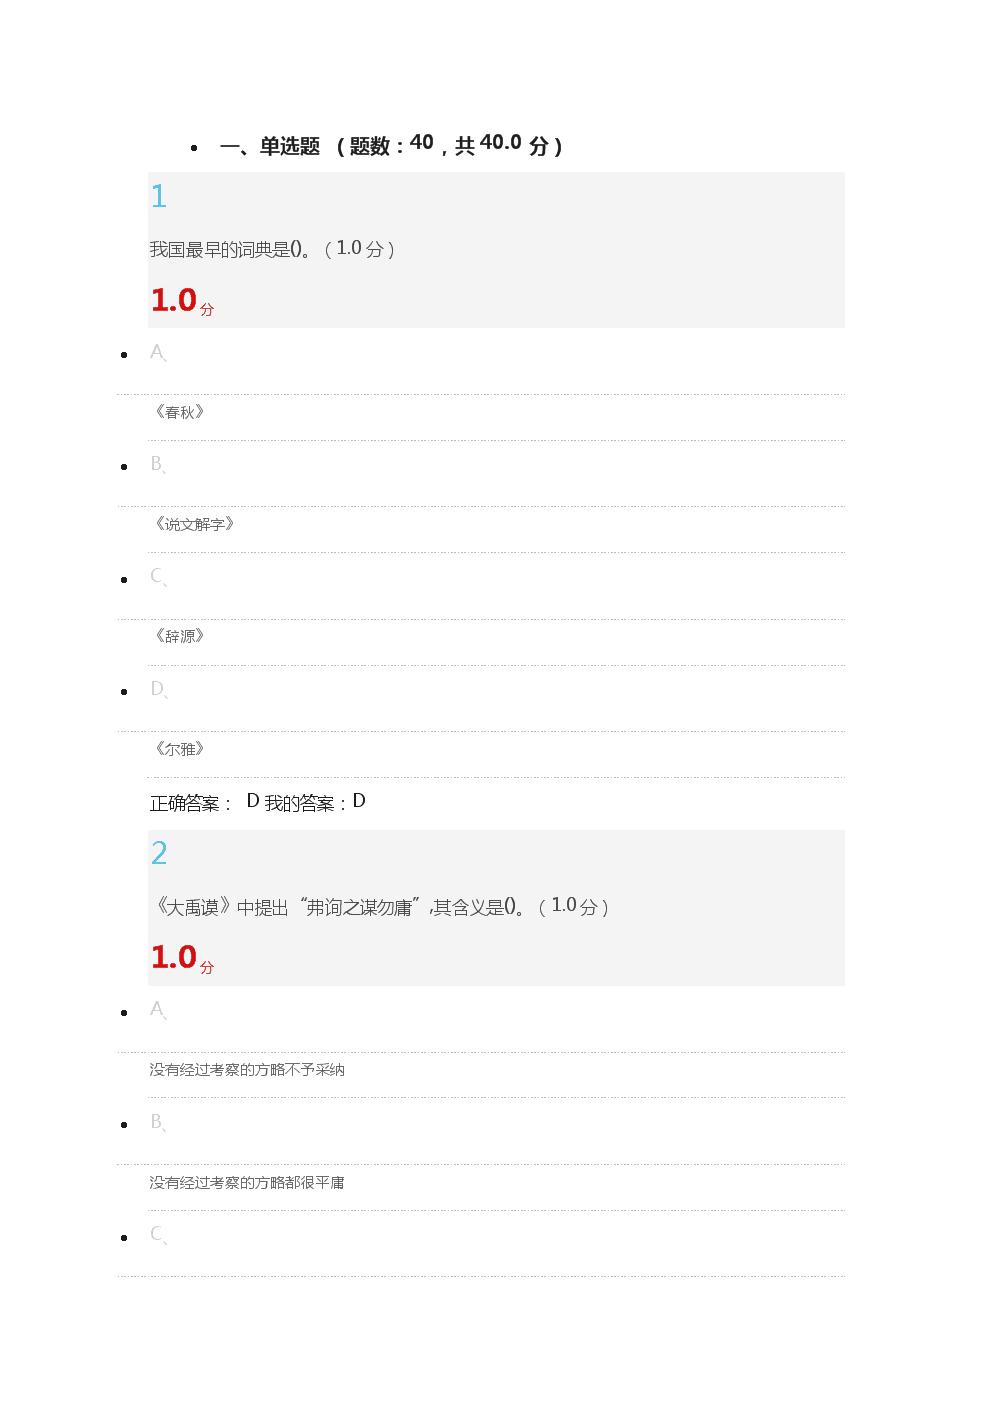 2020中国哲学概论课终考试(97分).docx